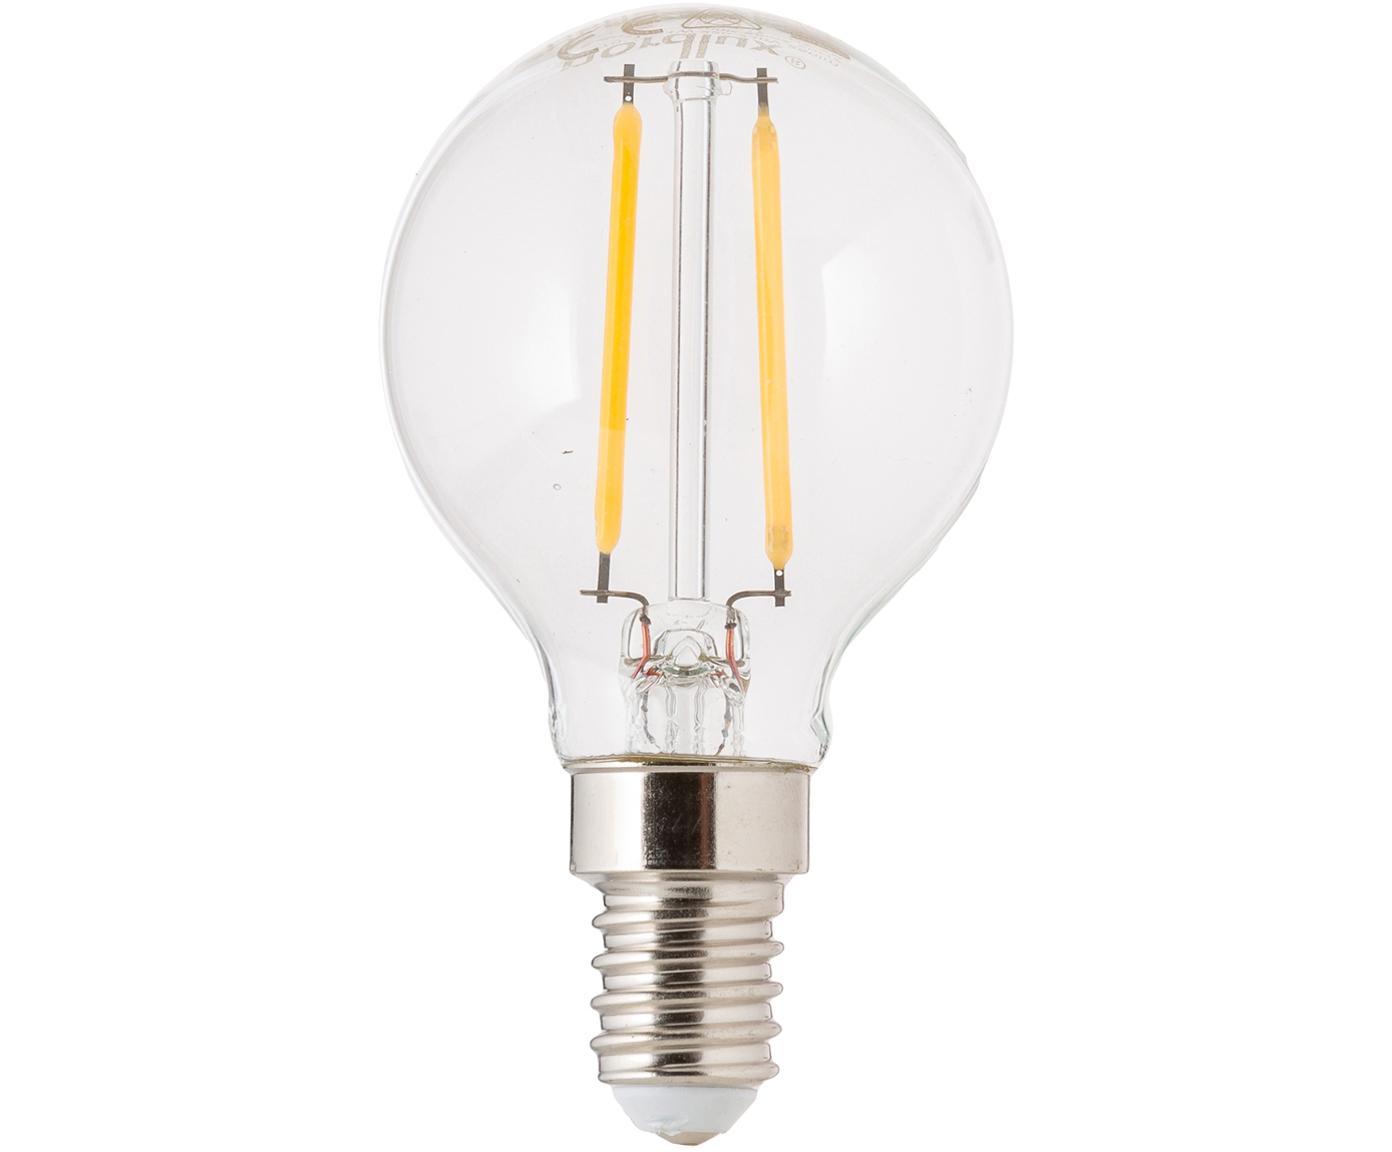 Żarówka LED Yekon (E14/2,5 W), 5 szt., Transparentny, Ø 5 x W 8 cm